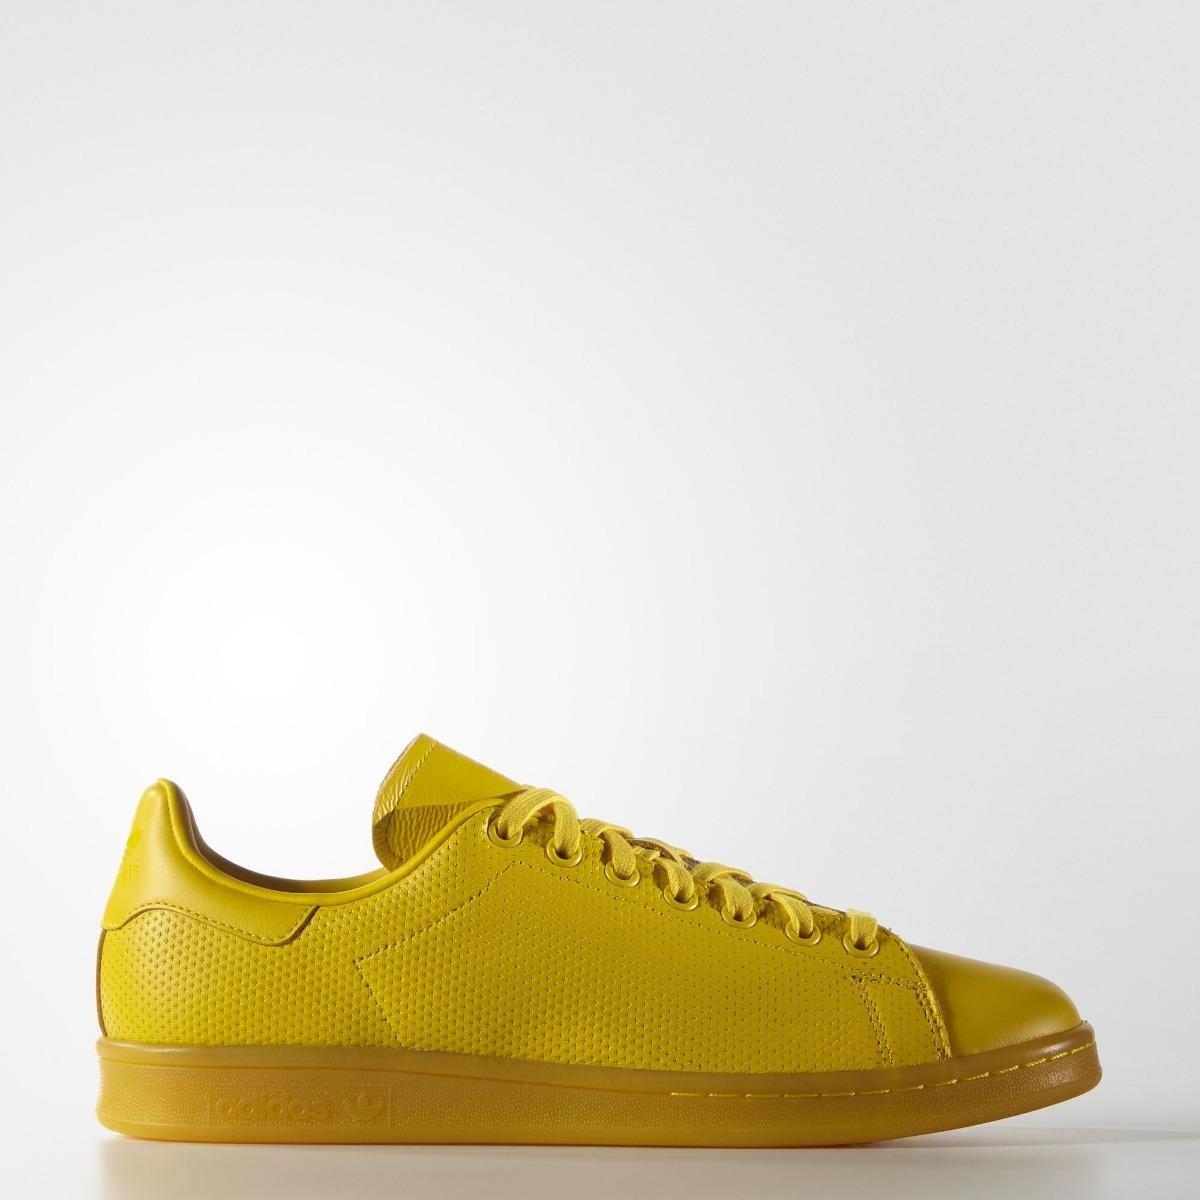 adidas stan smith amarillo